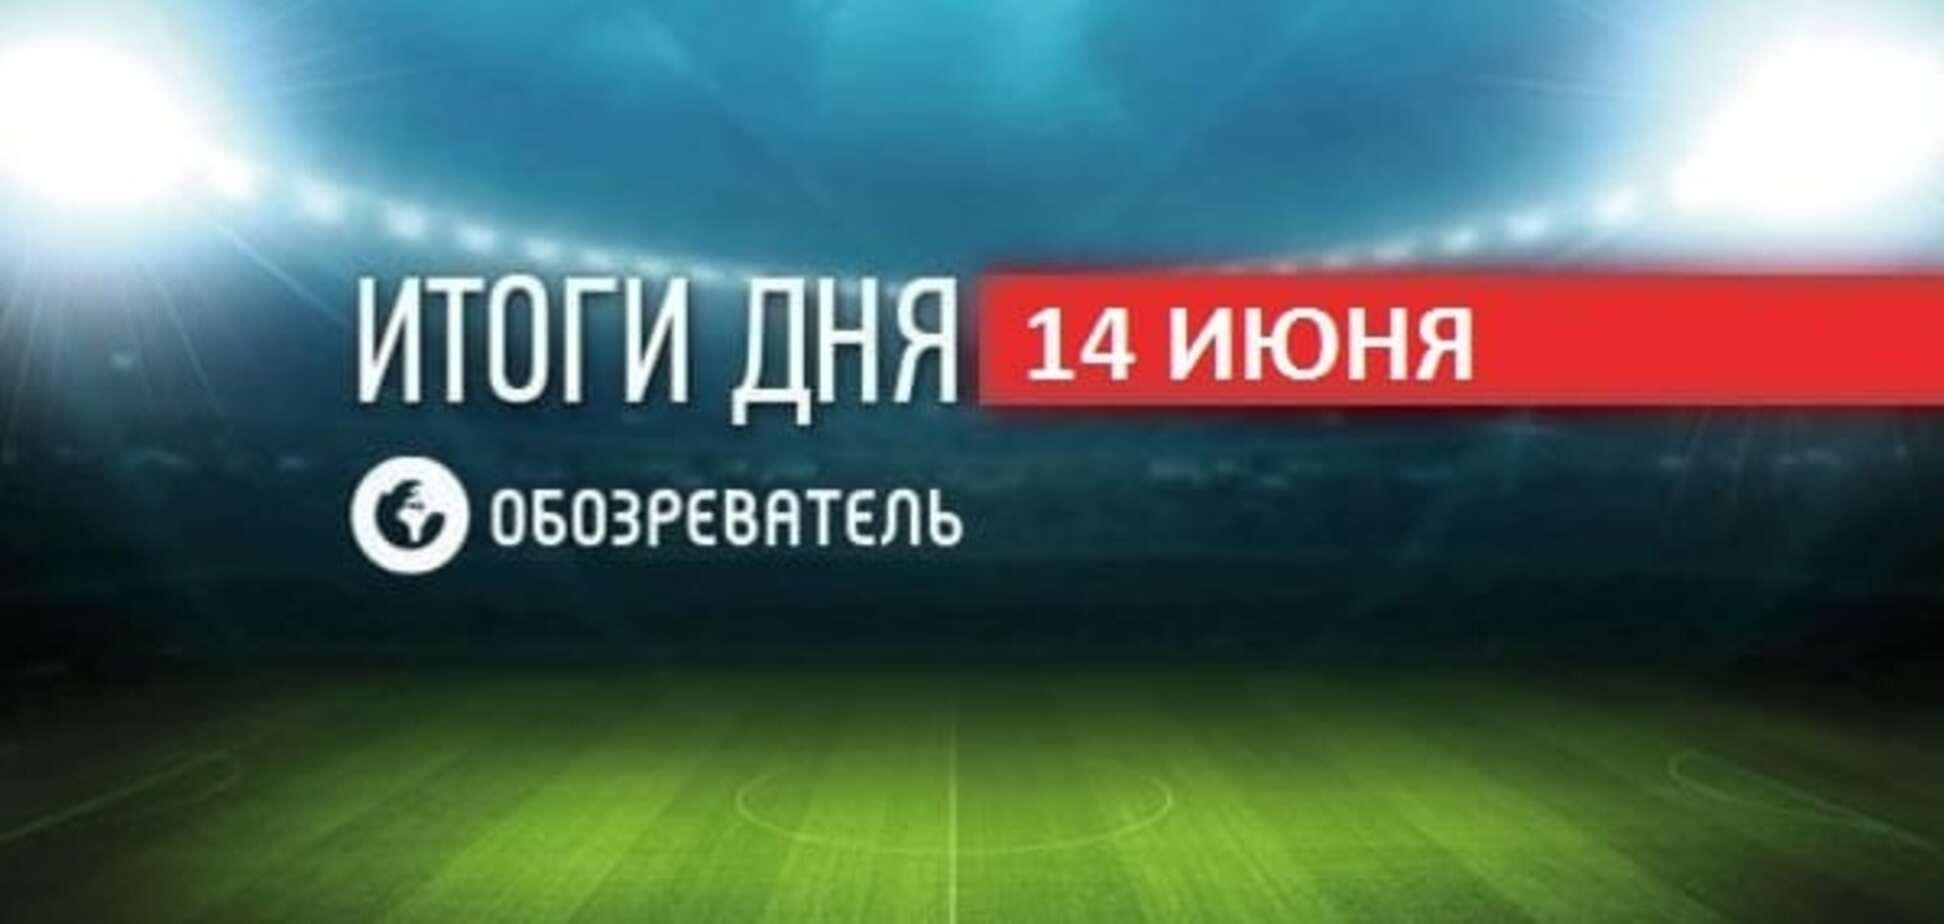 Гравці збірної Німеччини 'наплювали' на Україну. Спортивні підсумки за 14 червня